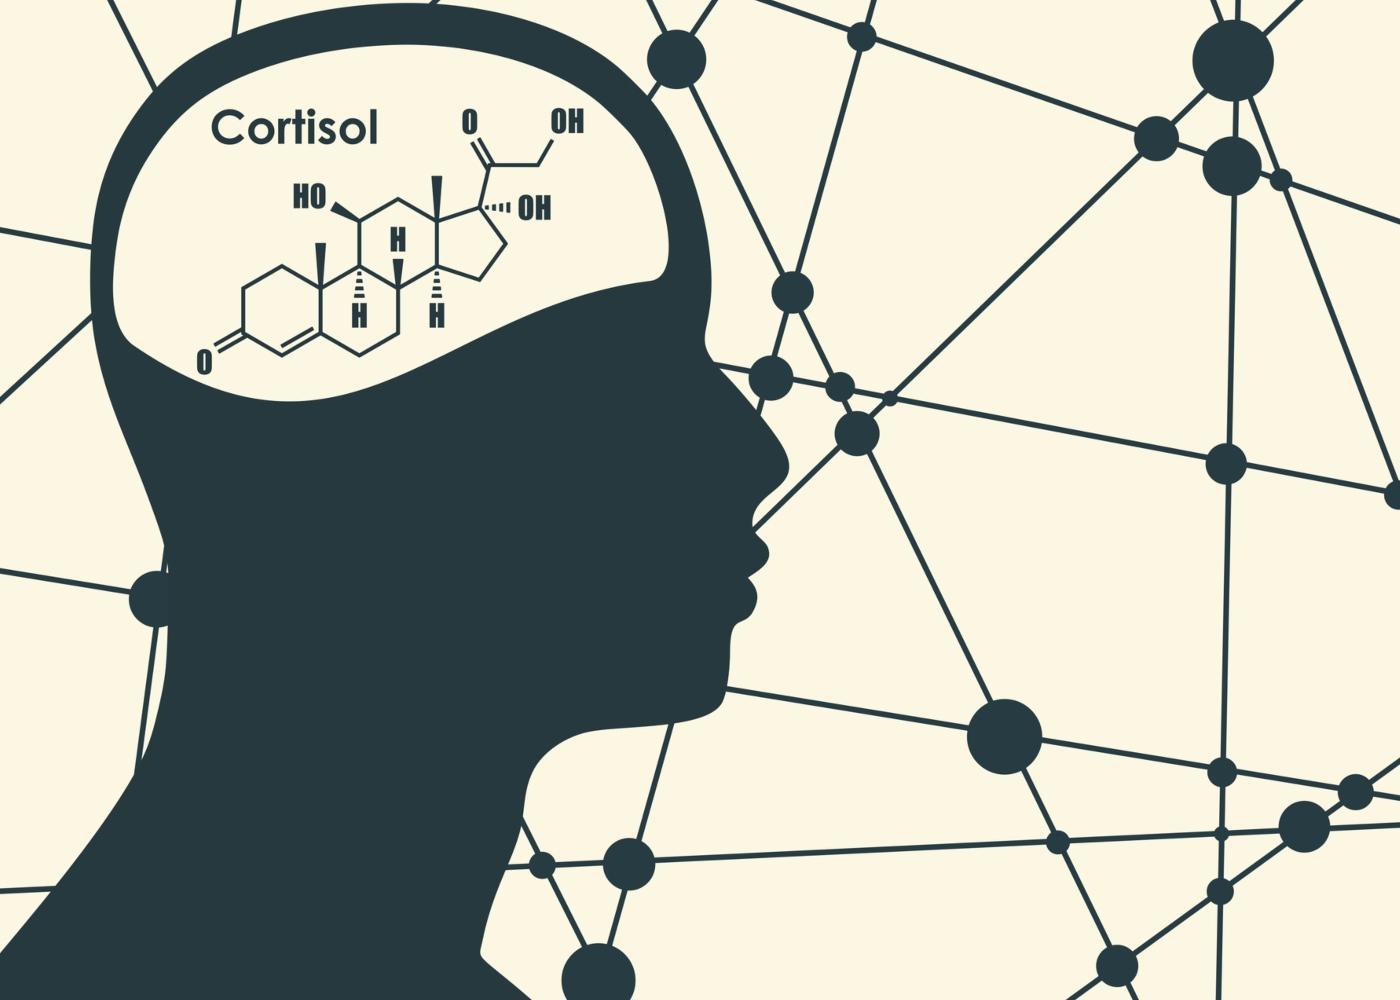 Efeitos do cortisol no organismo